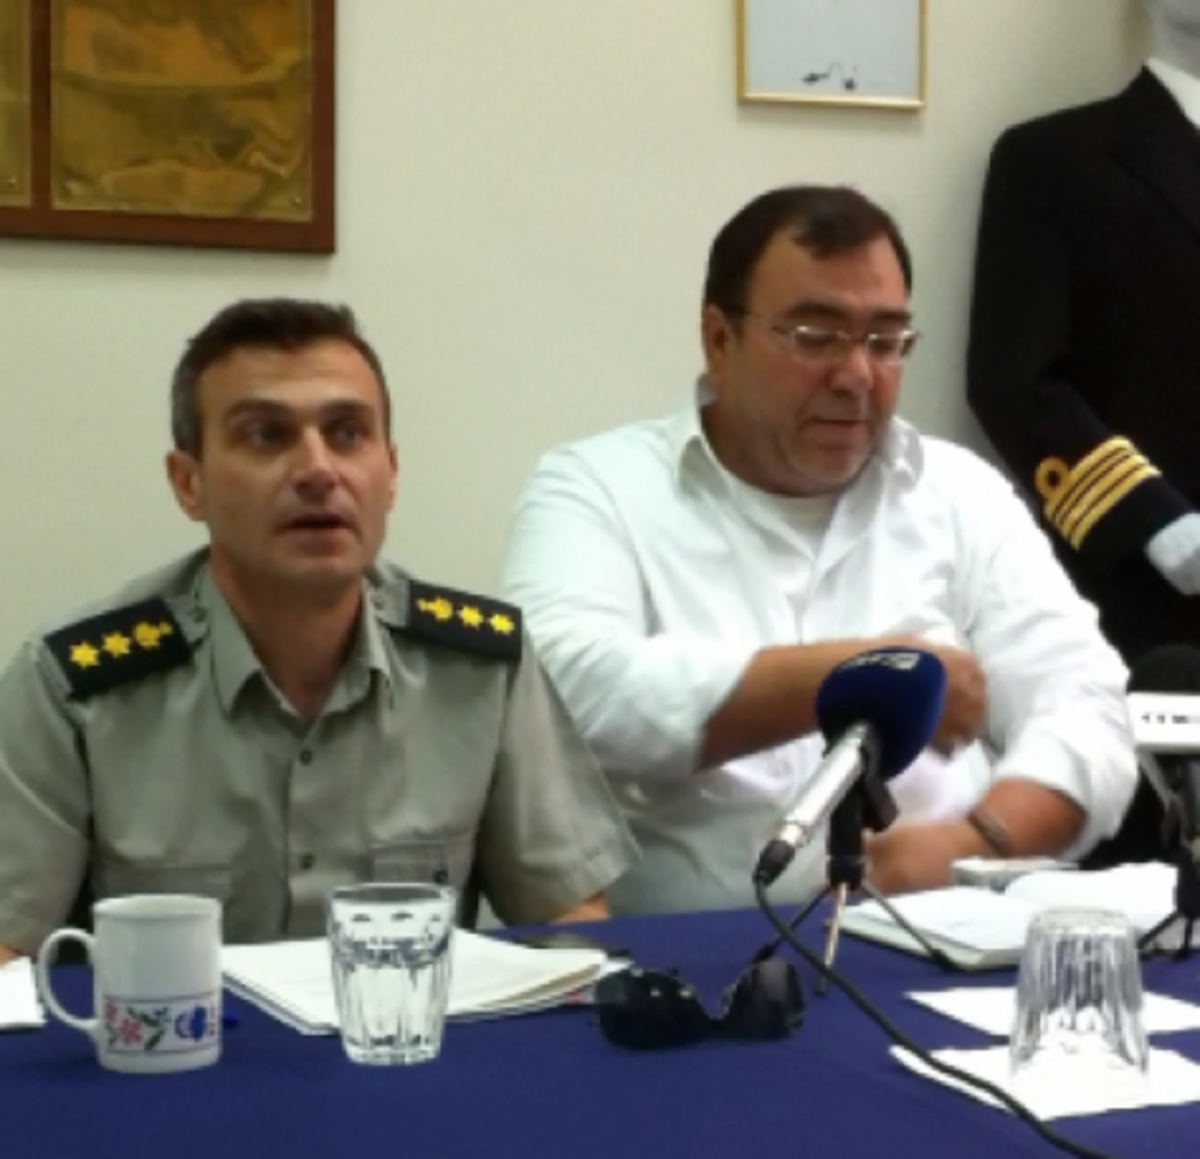 ΒΙΝΤΕΟ: Η συνέντευξη των στρατιωτικών για τις περικοπές και τις αντιδράσεις που έρχονται | Newsit.gr